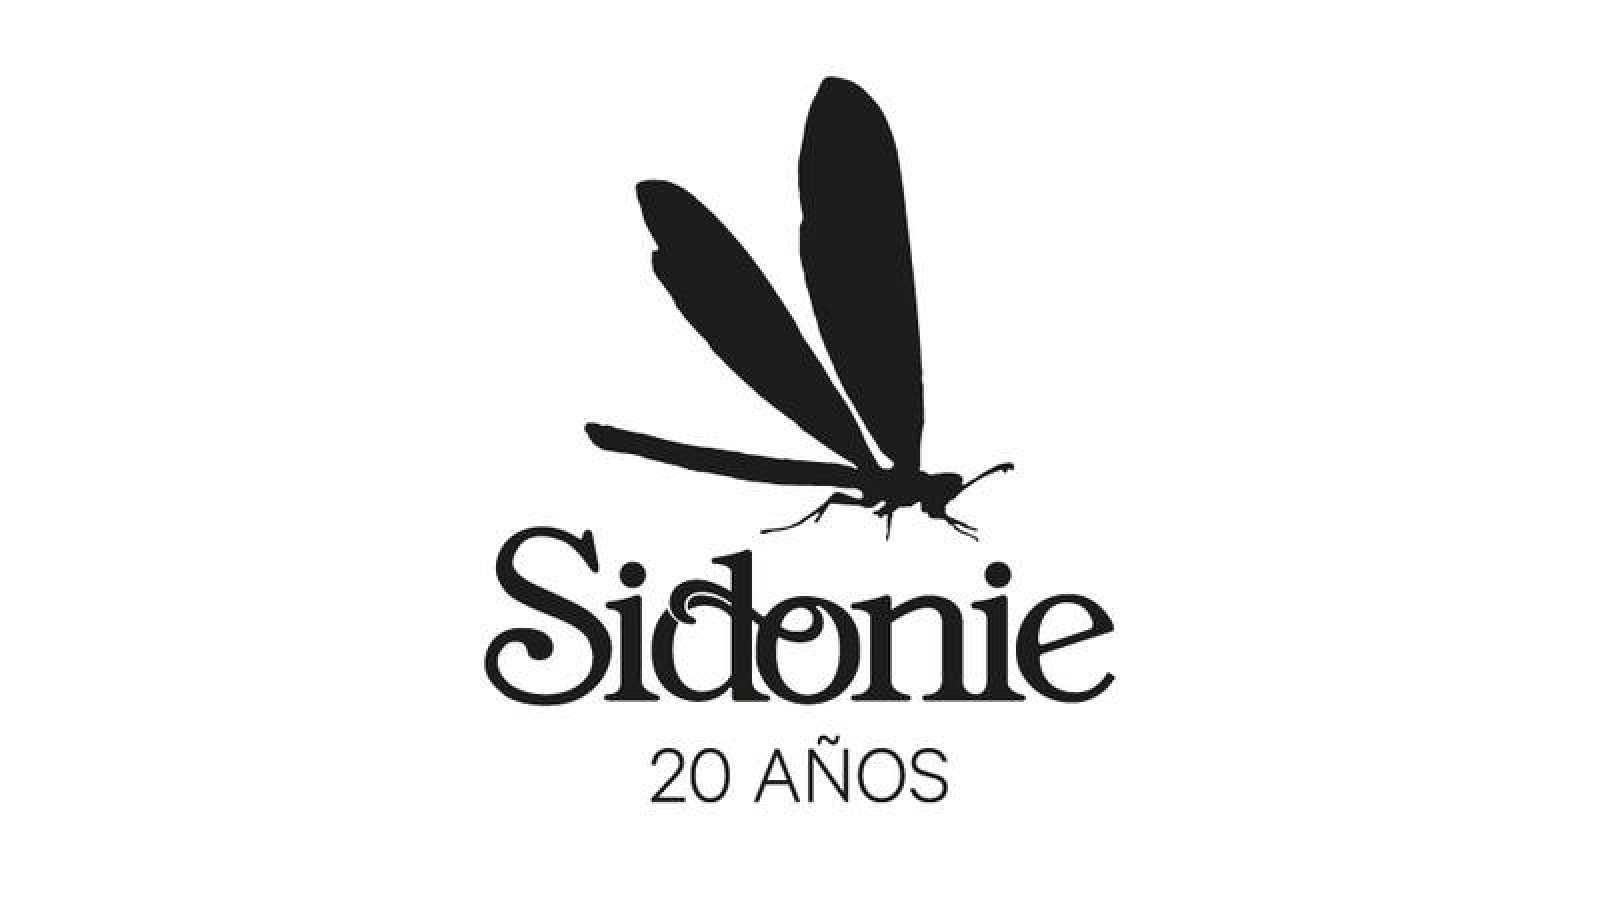 Sidonie harán un repaso a toda su discografía en su gira de 20 aniversario